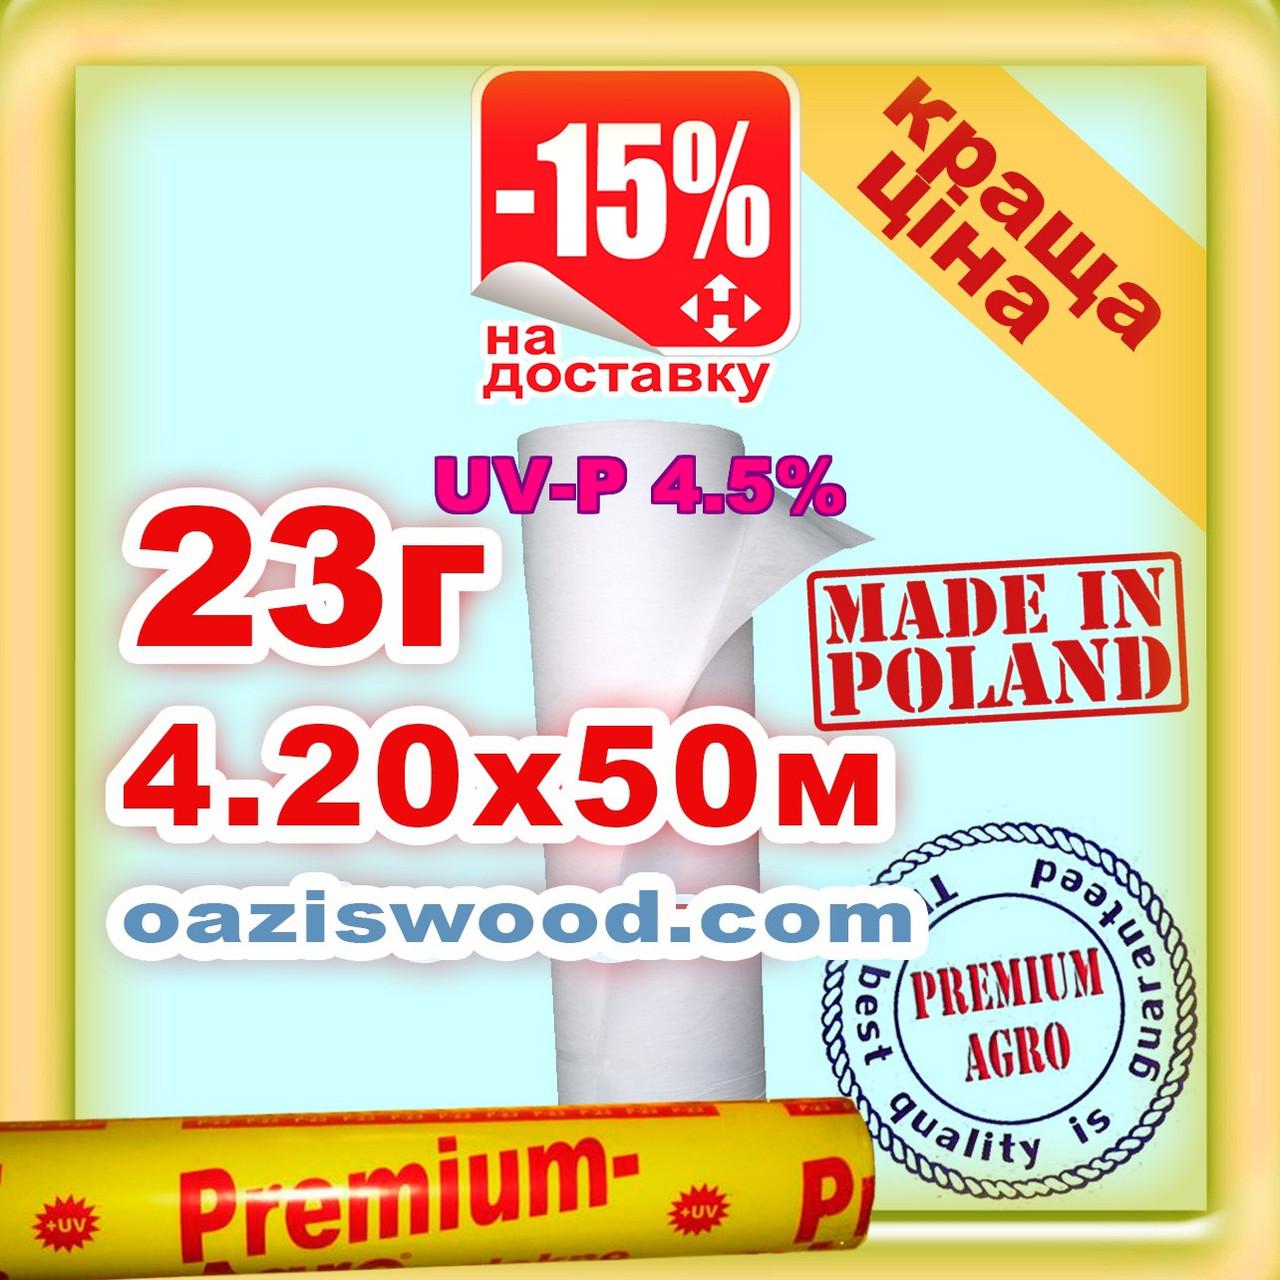 Агроволокно р-23g 4.2*50м белое UV-P 4.5% Premium-Agro Польша